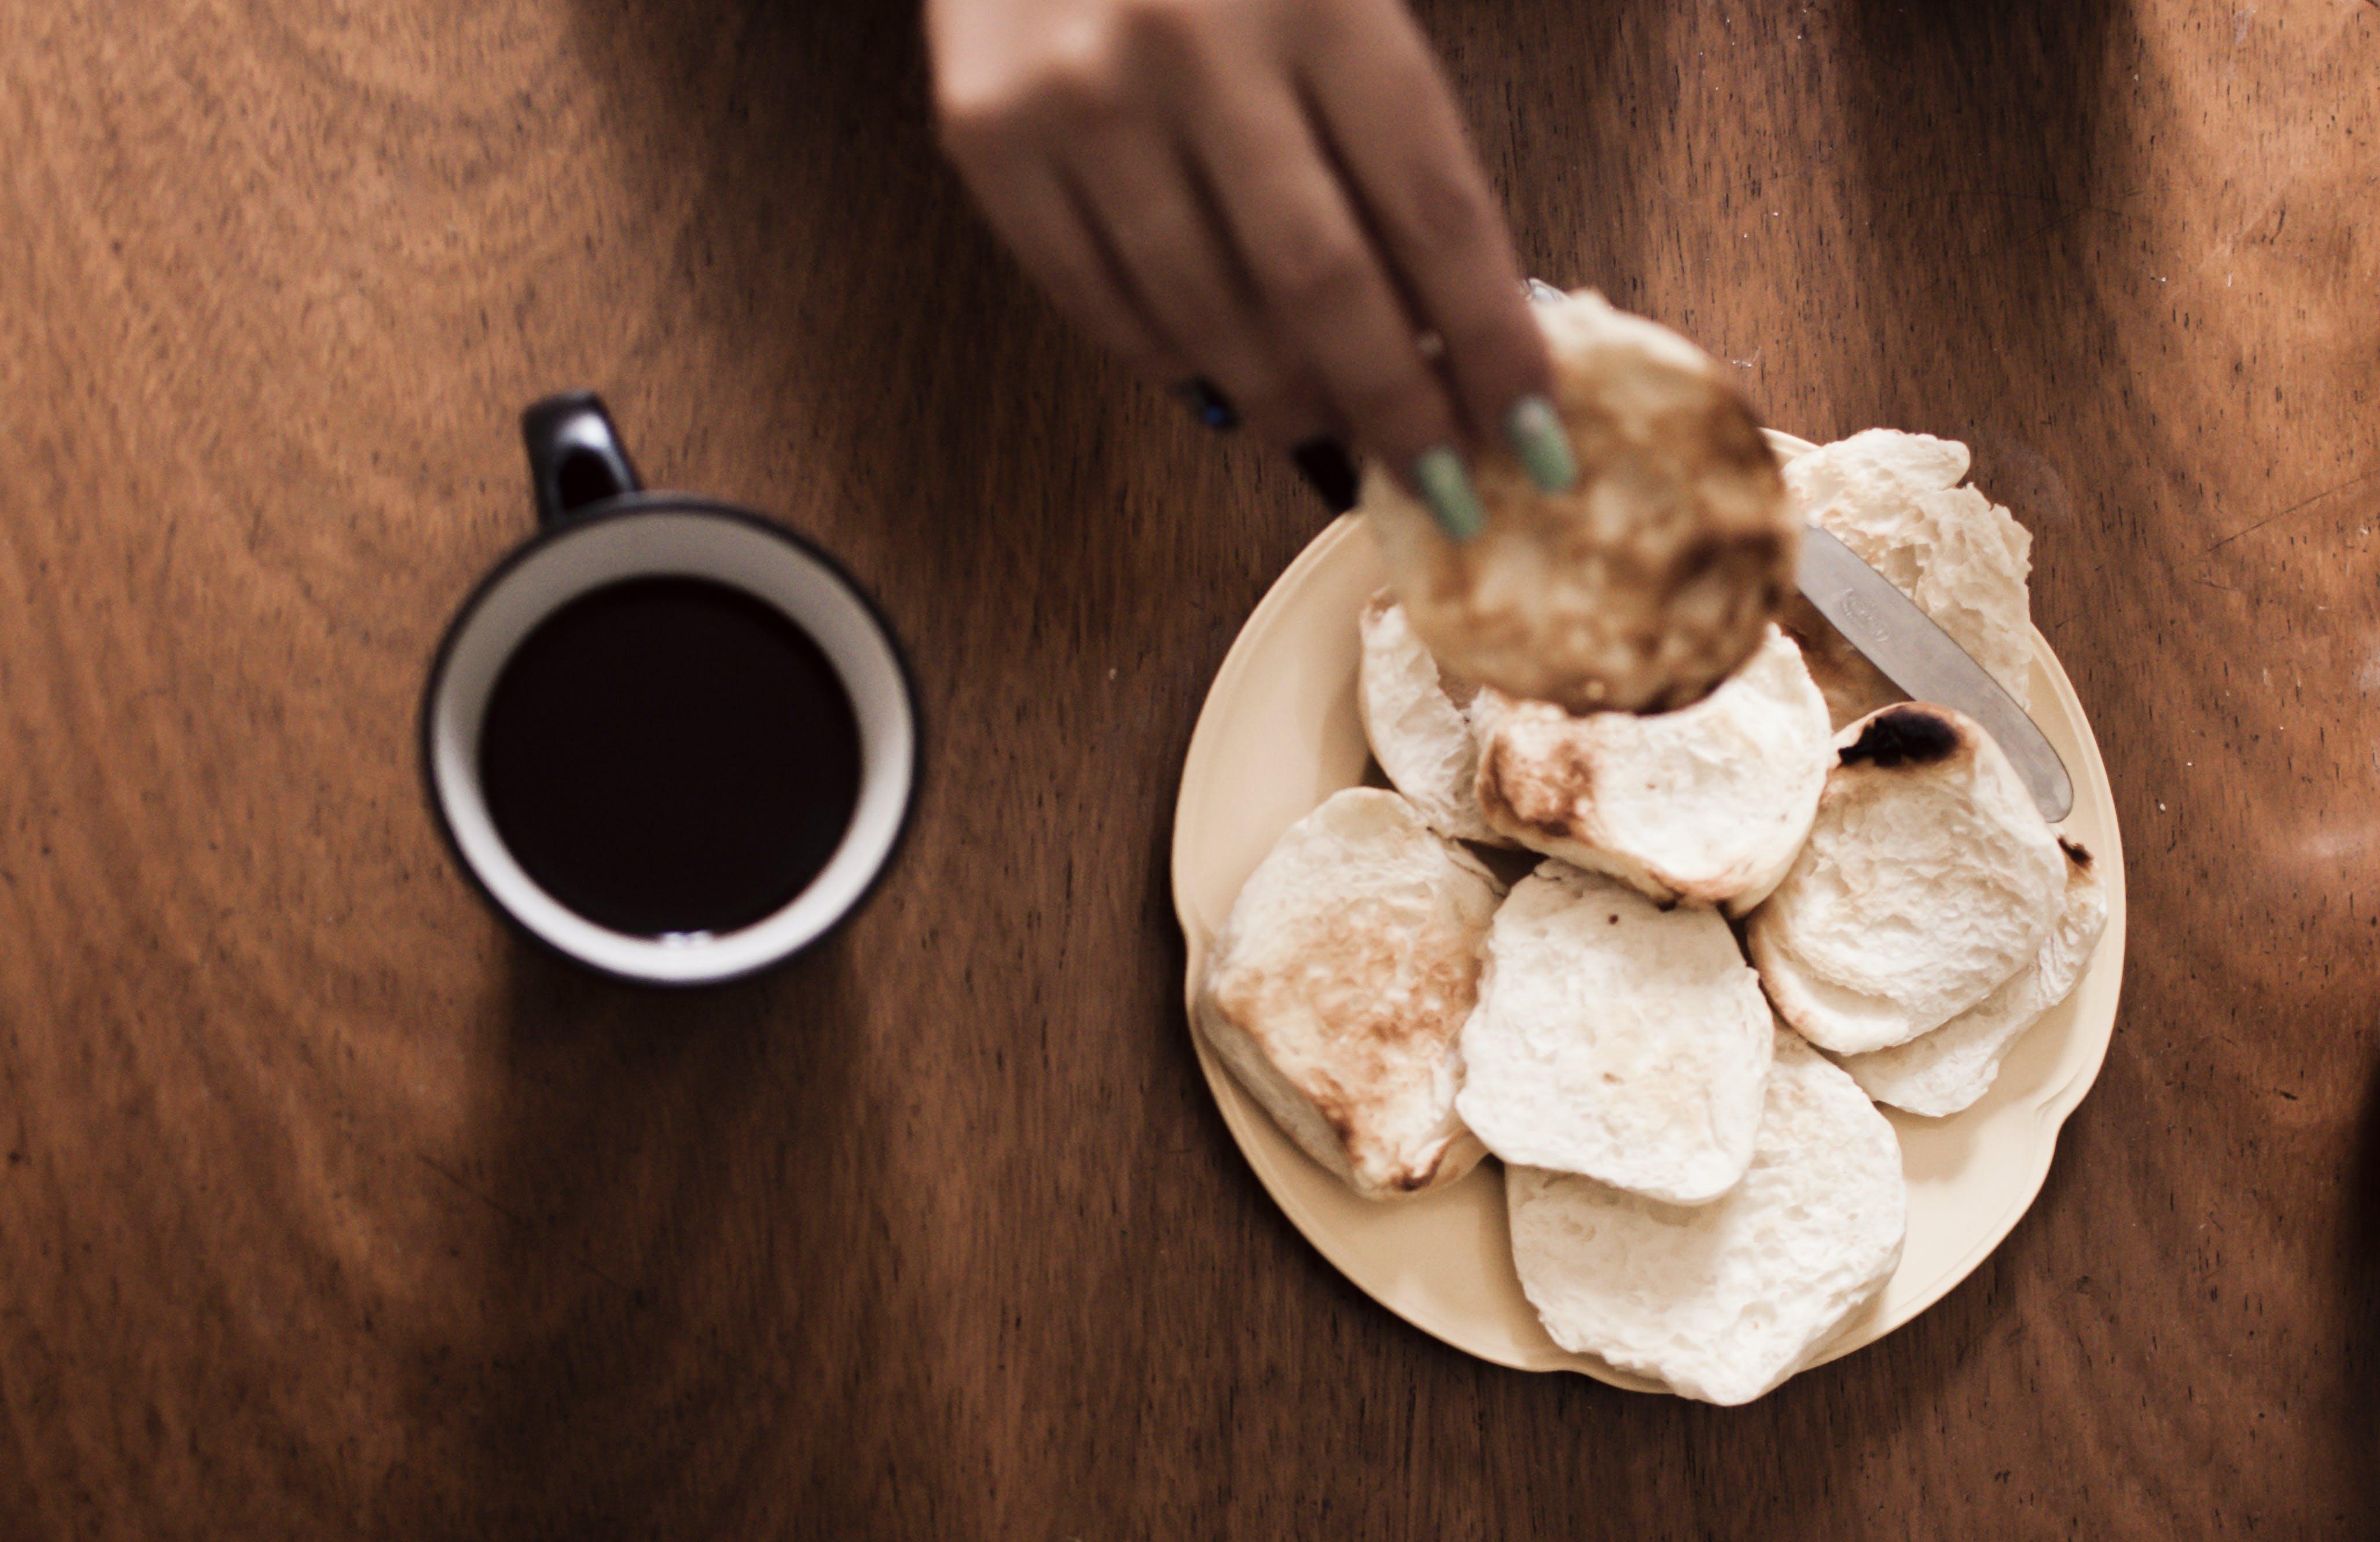 Gratis stockfoto met geroosterd, zwarte koffie